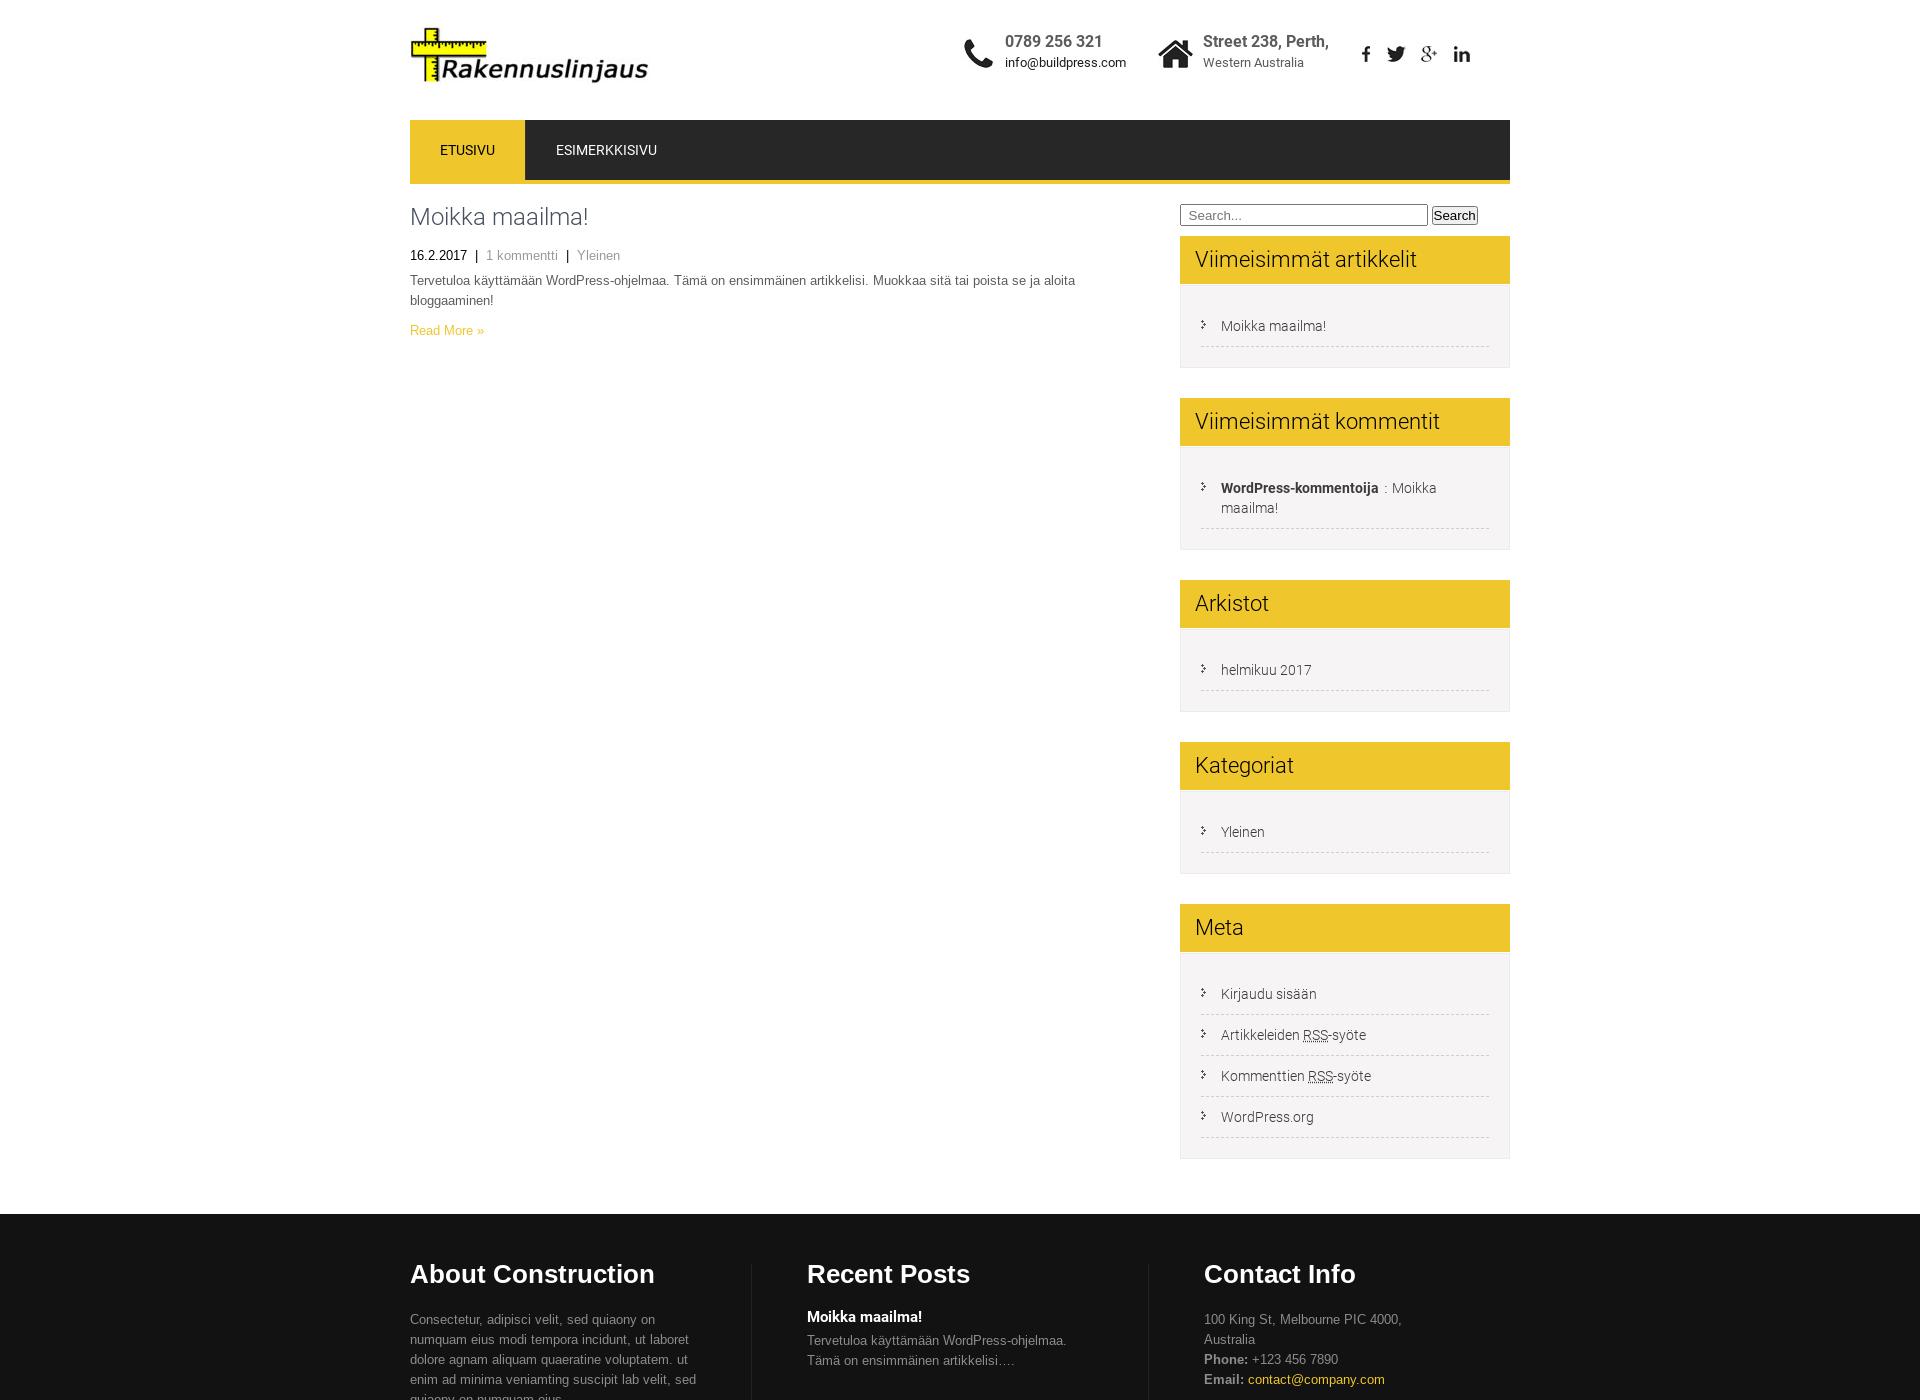 Screenshot for rakennuslinjaus.fi